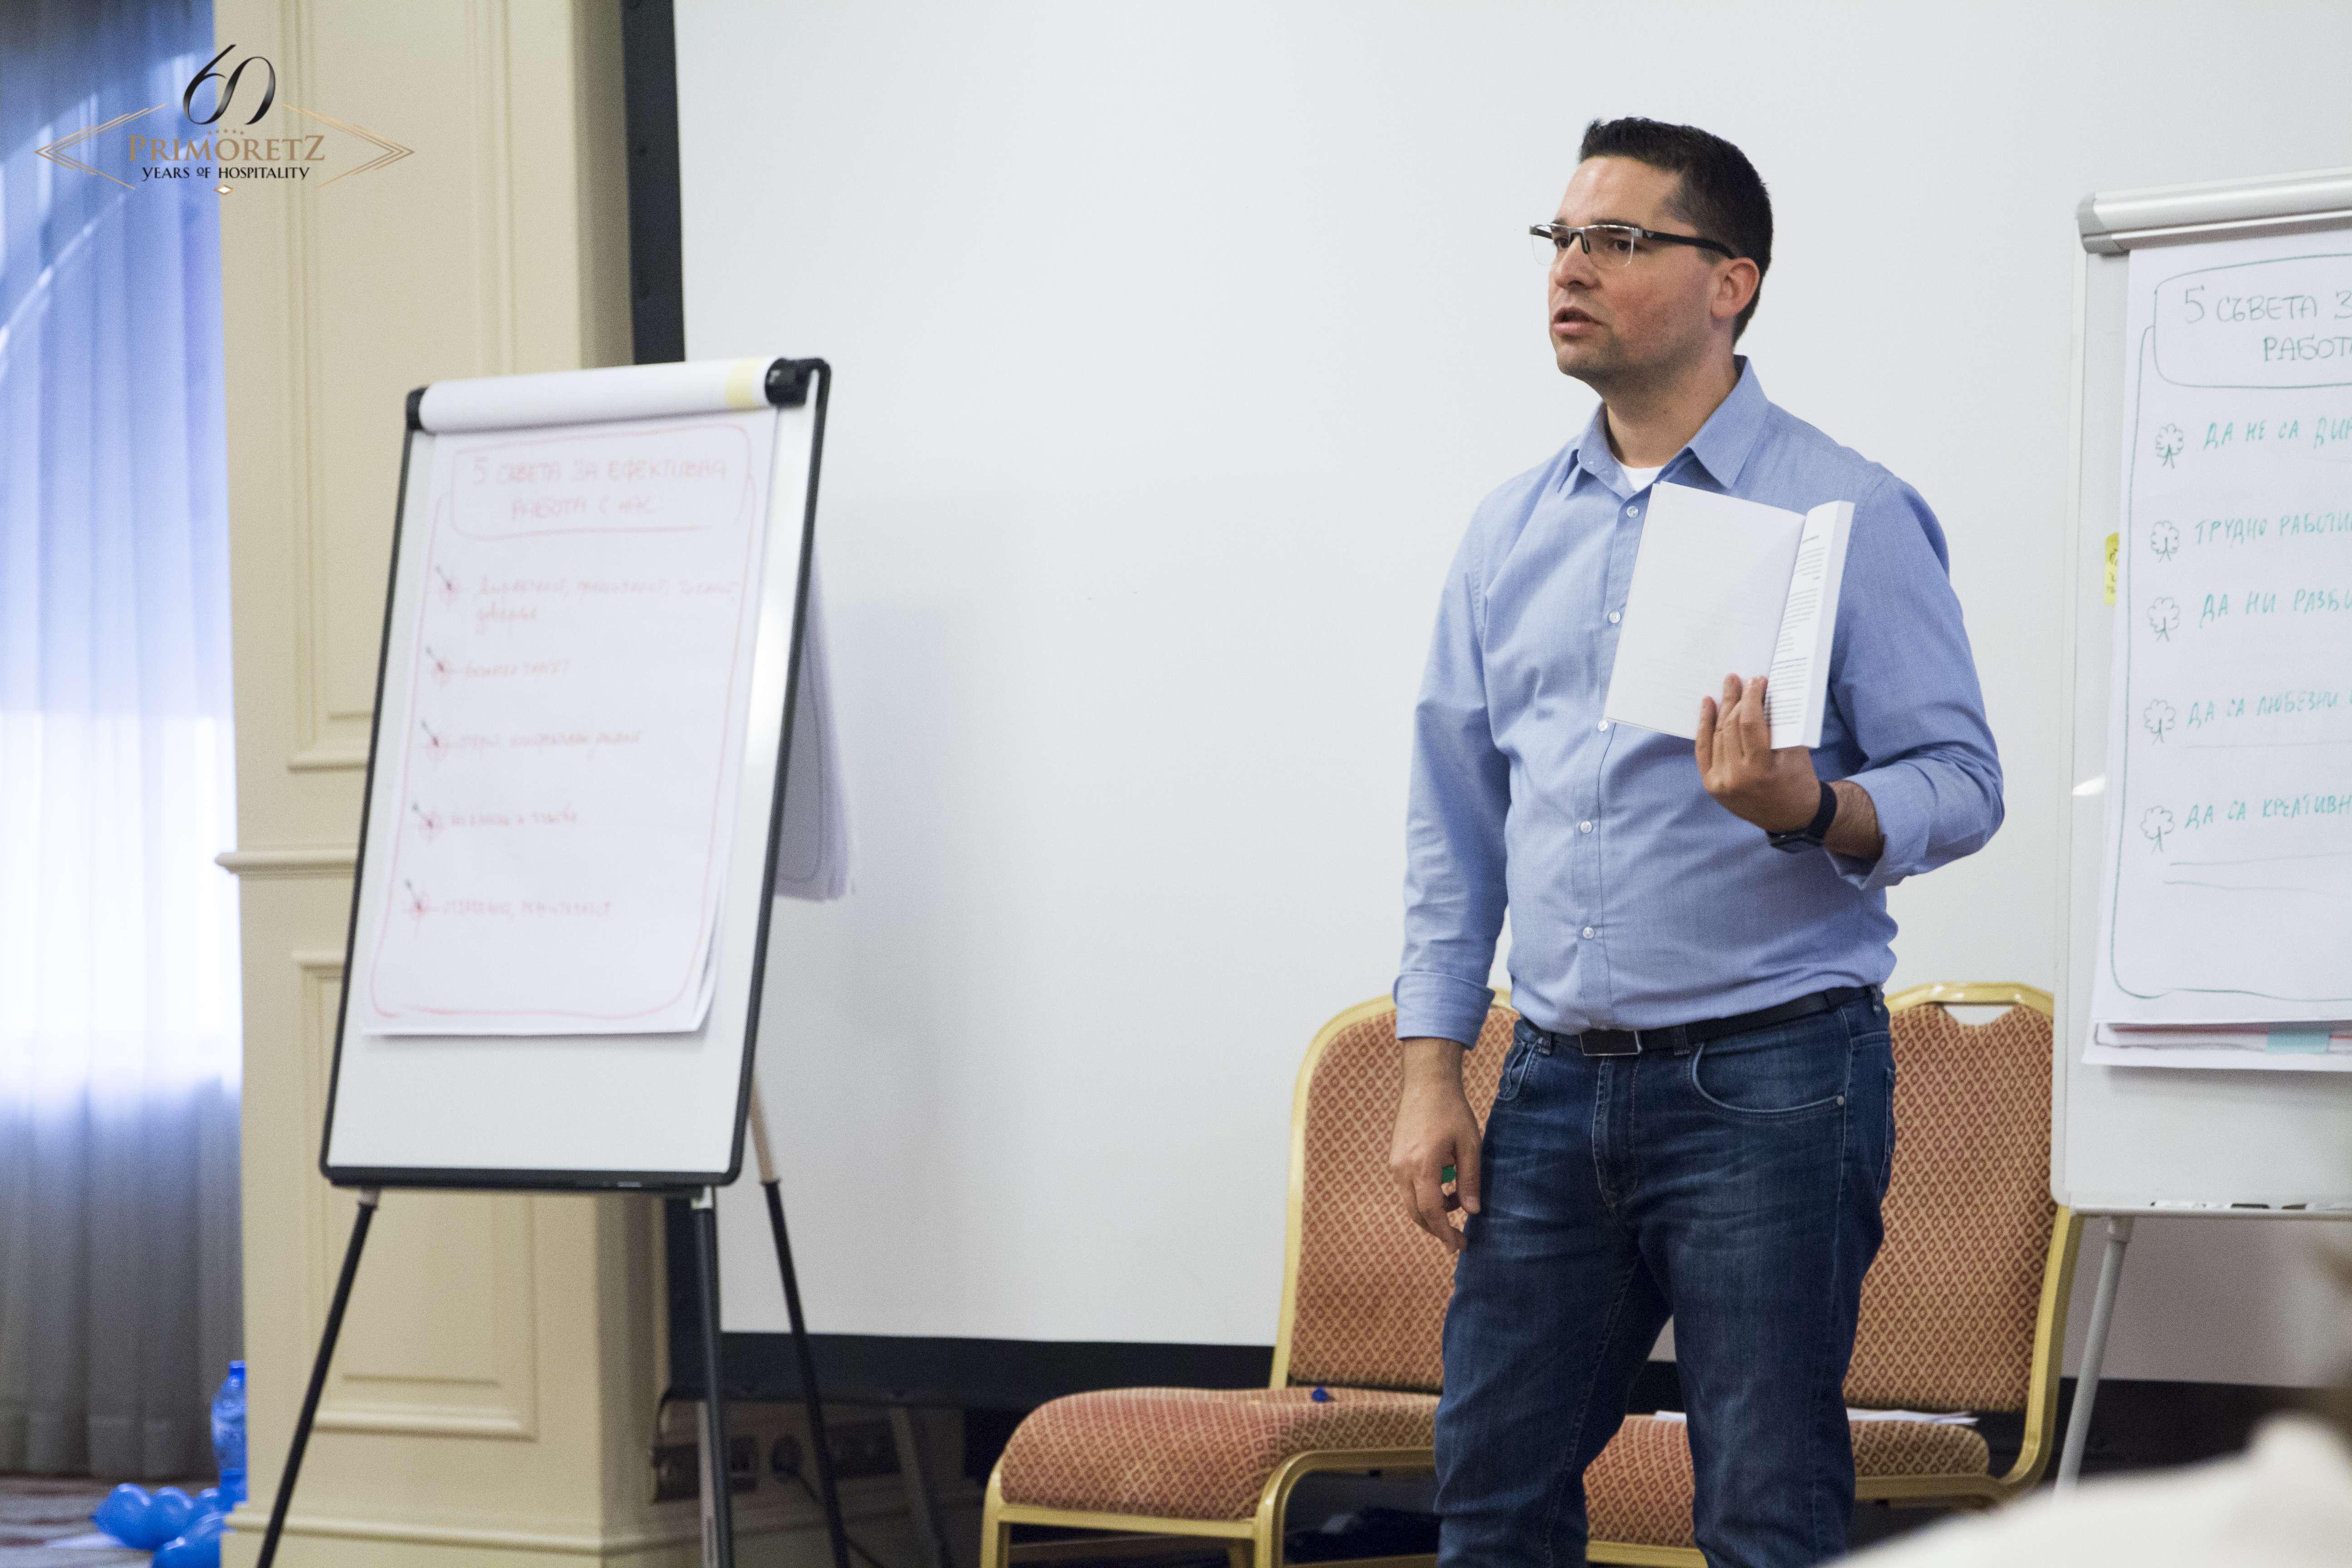 Пламен Петров: Всички проблеми в екипите съществуват хронично заради действията или бездействията на техните мениджъри